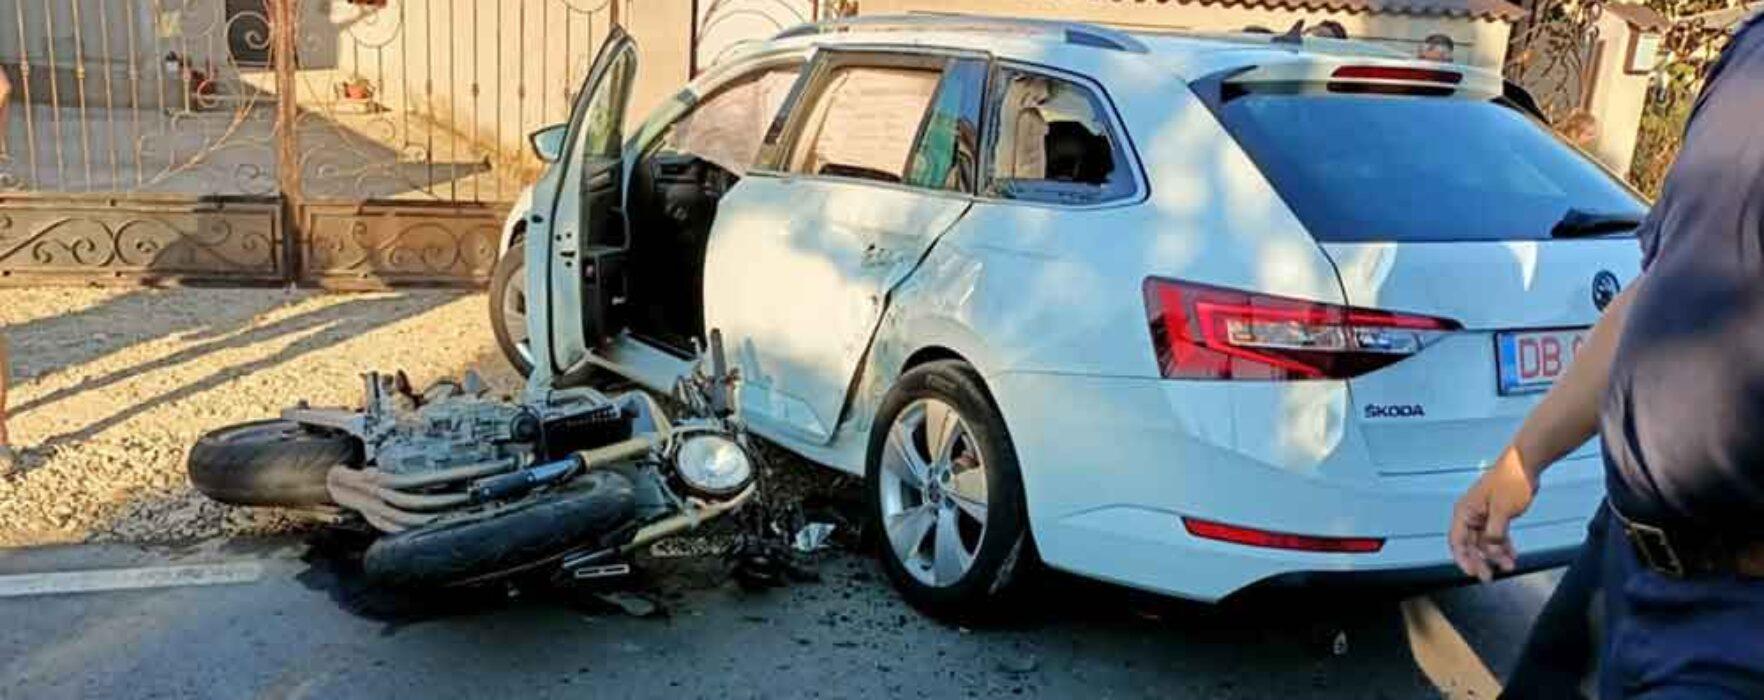 Dâmboviţa: Motocicletă implicată într-un accident la Gura Şuţii, un rănit preluat de elicopterul SMURD